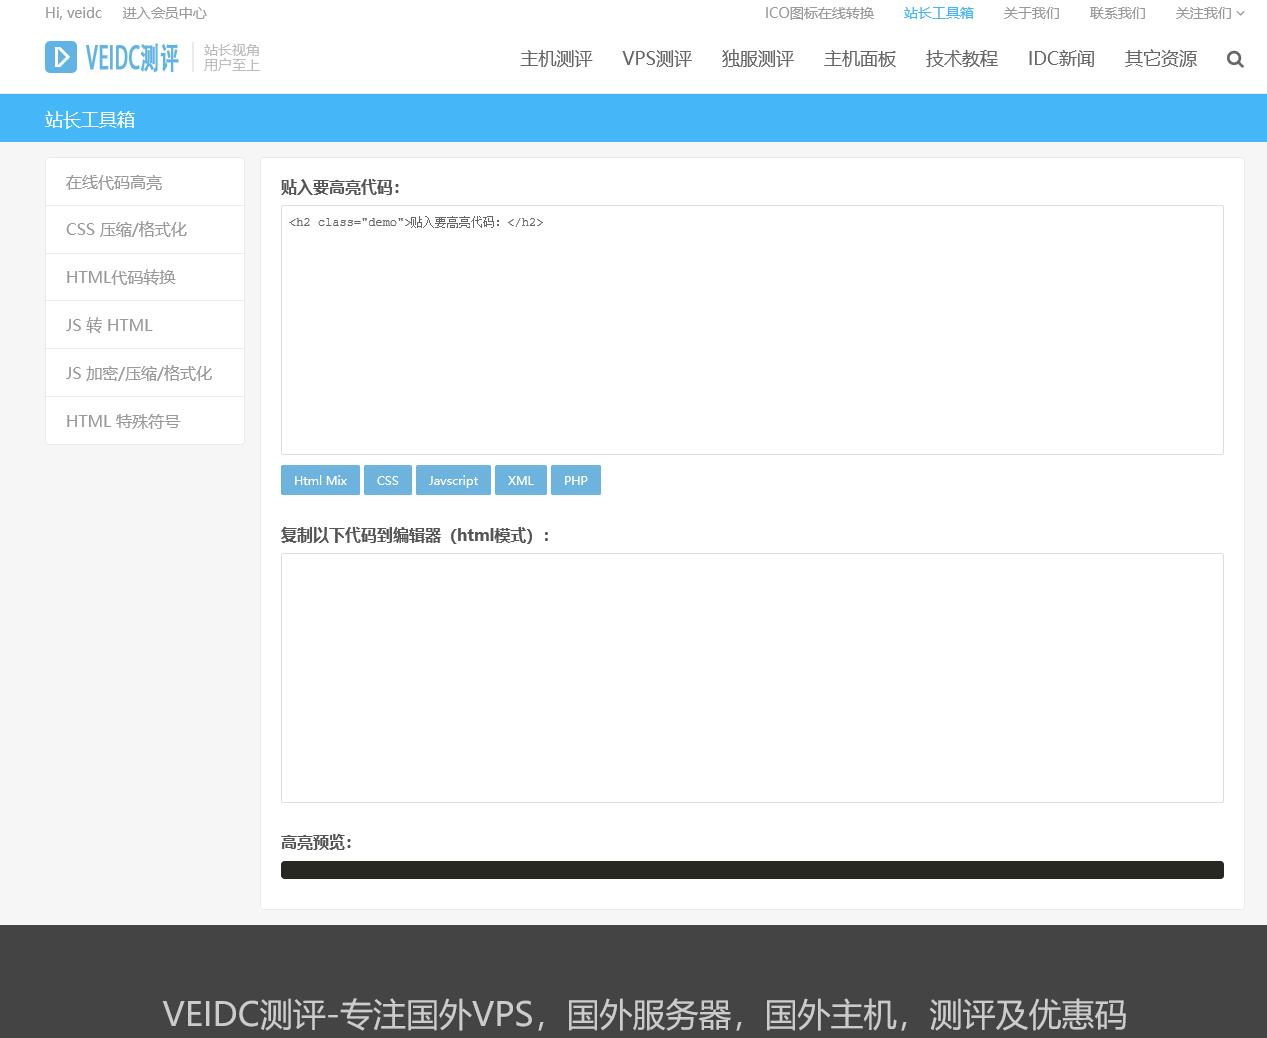 DUX主题添加前端开发工具箱功能插图